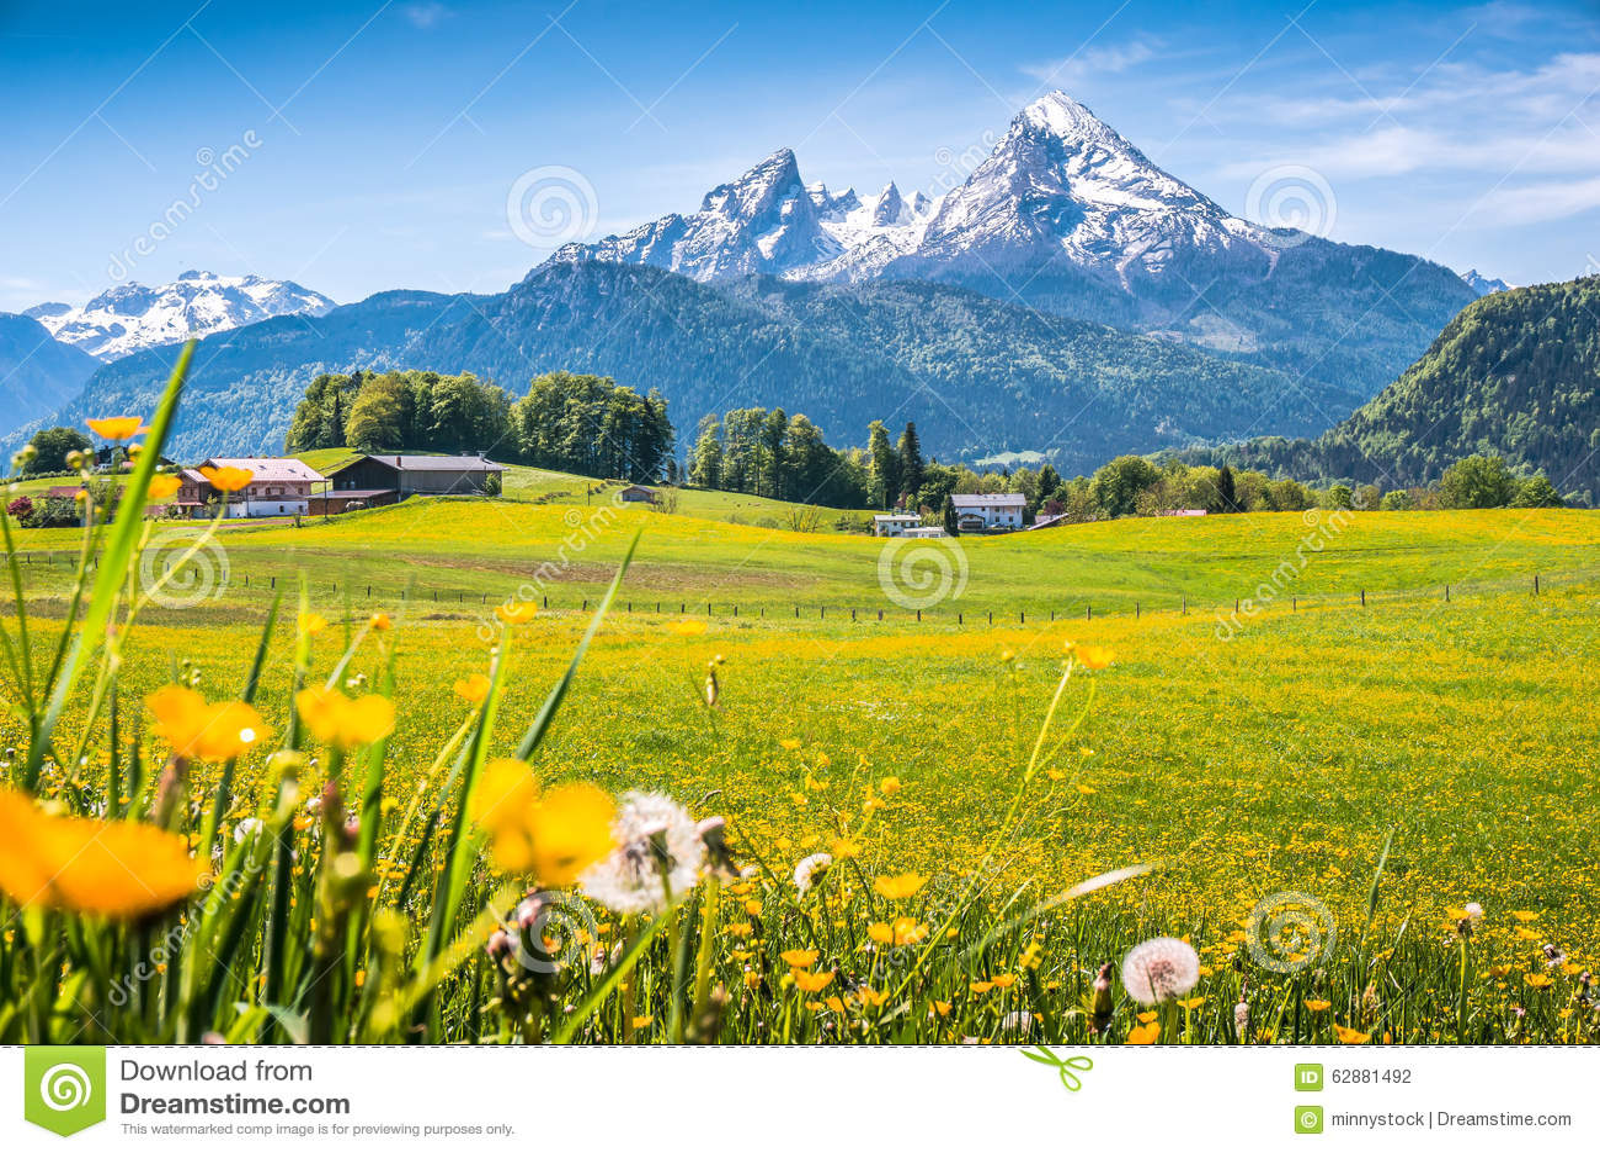 Paesaggio Alpino Idilliaco Con I Prati Verdi Le Fattorie E Le Cime Snowcapped Della Montagna Fotografia Stock  Immagine di podere verde 62881492